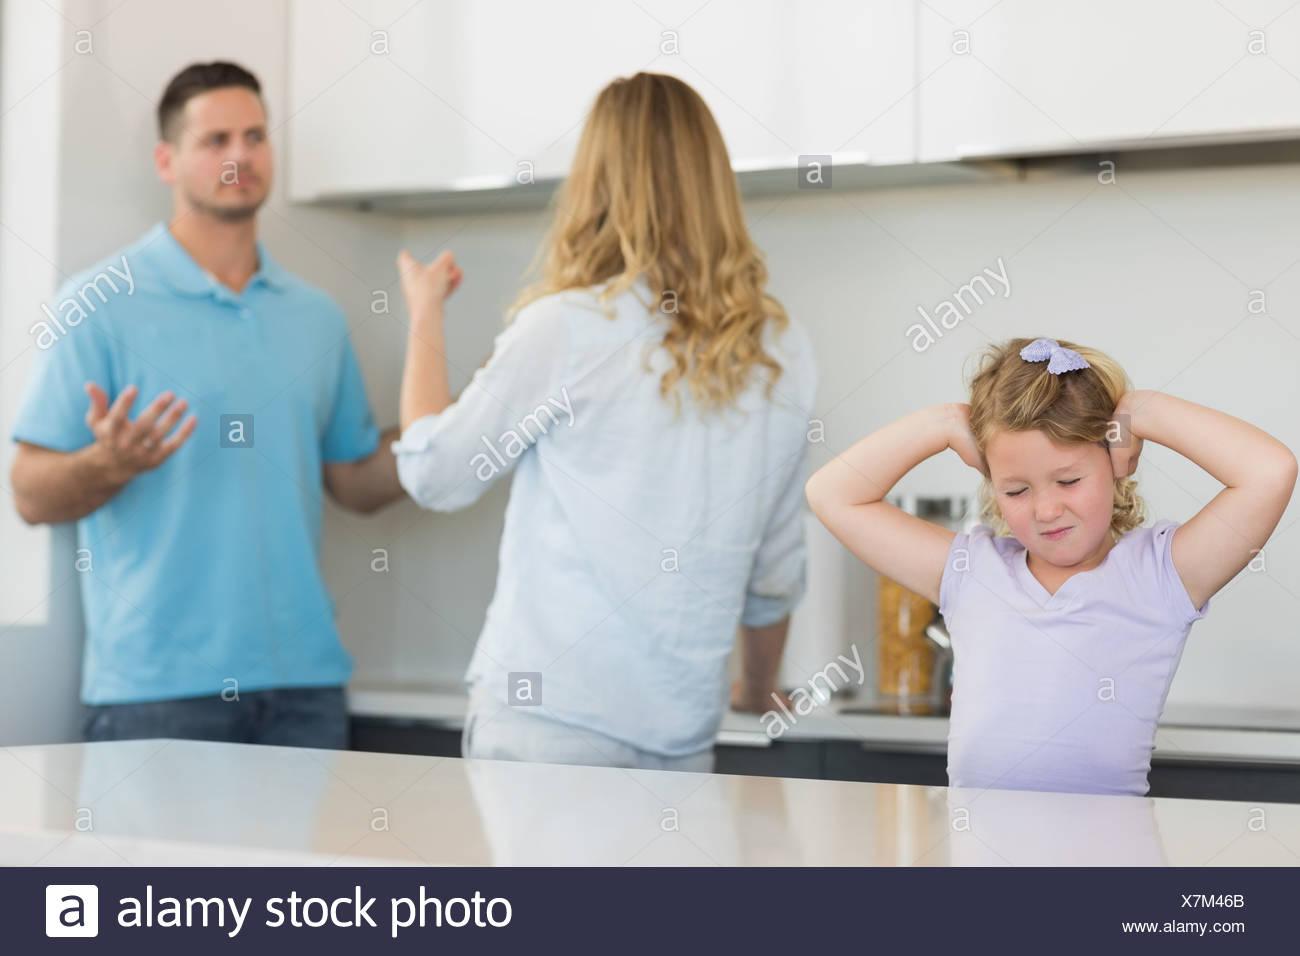 Chica que cubren las orejas mientras los padres argumentando Imagen De Stock